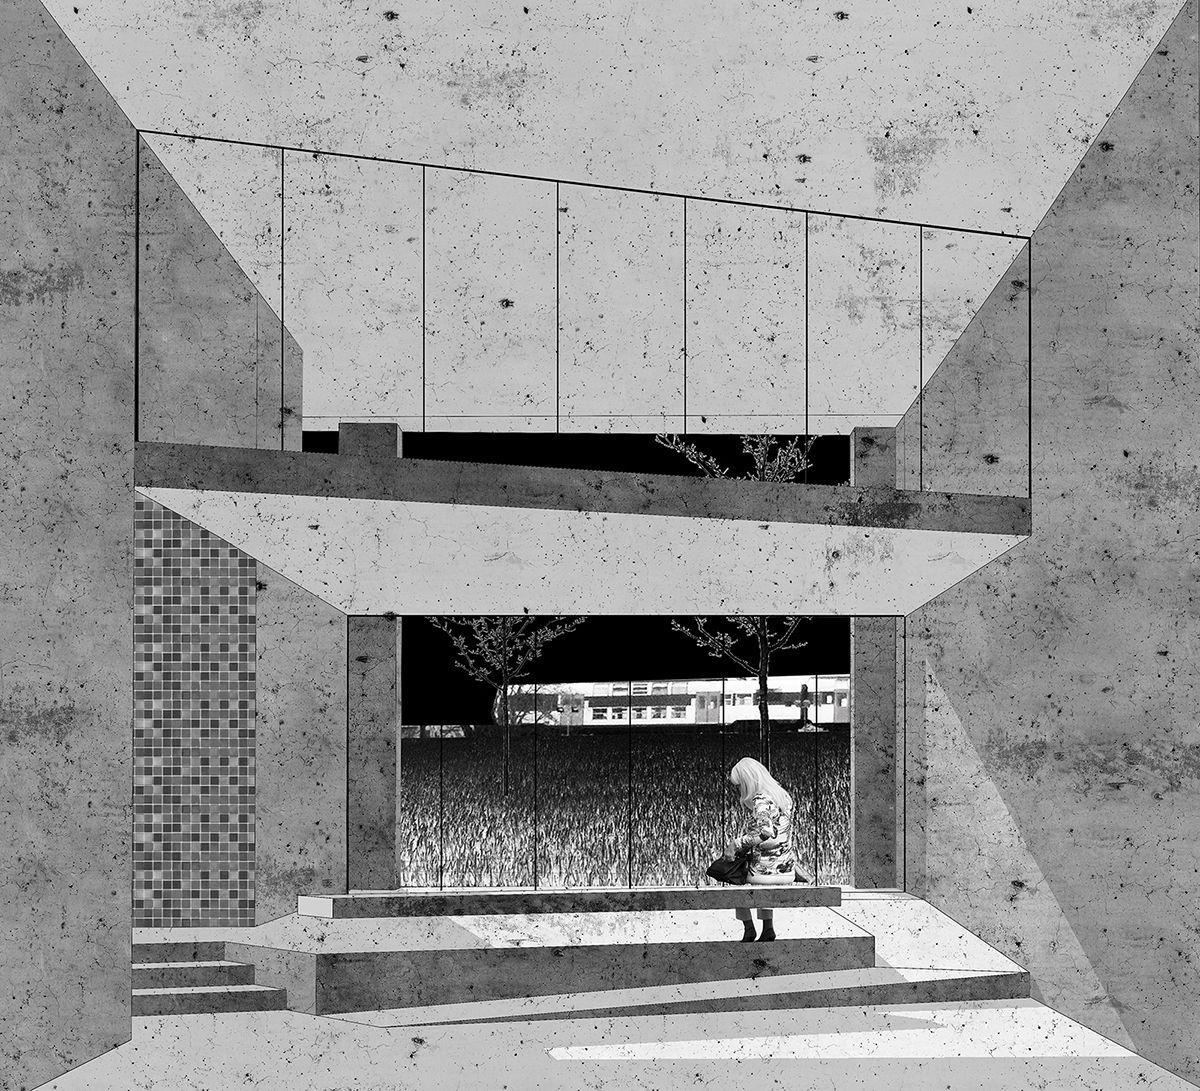 A Monochromatic Vision Architecture, Architecture